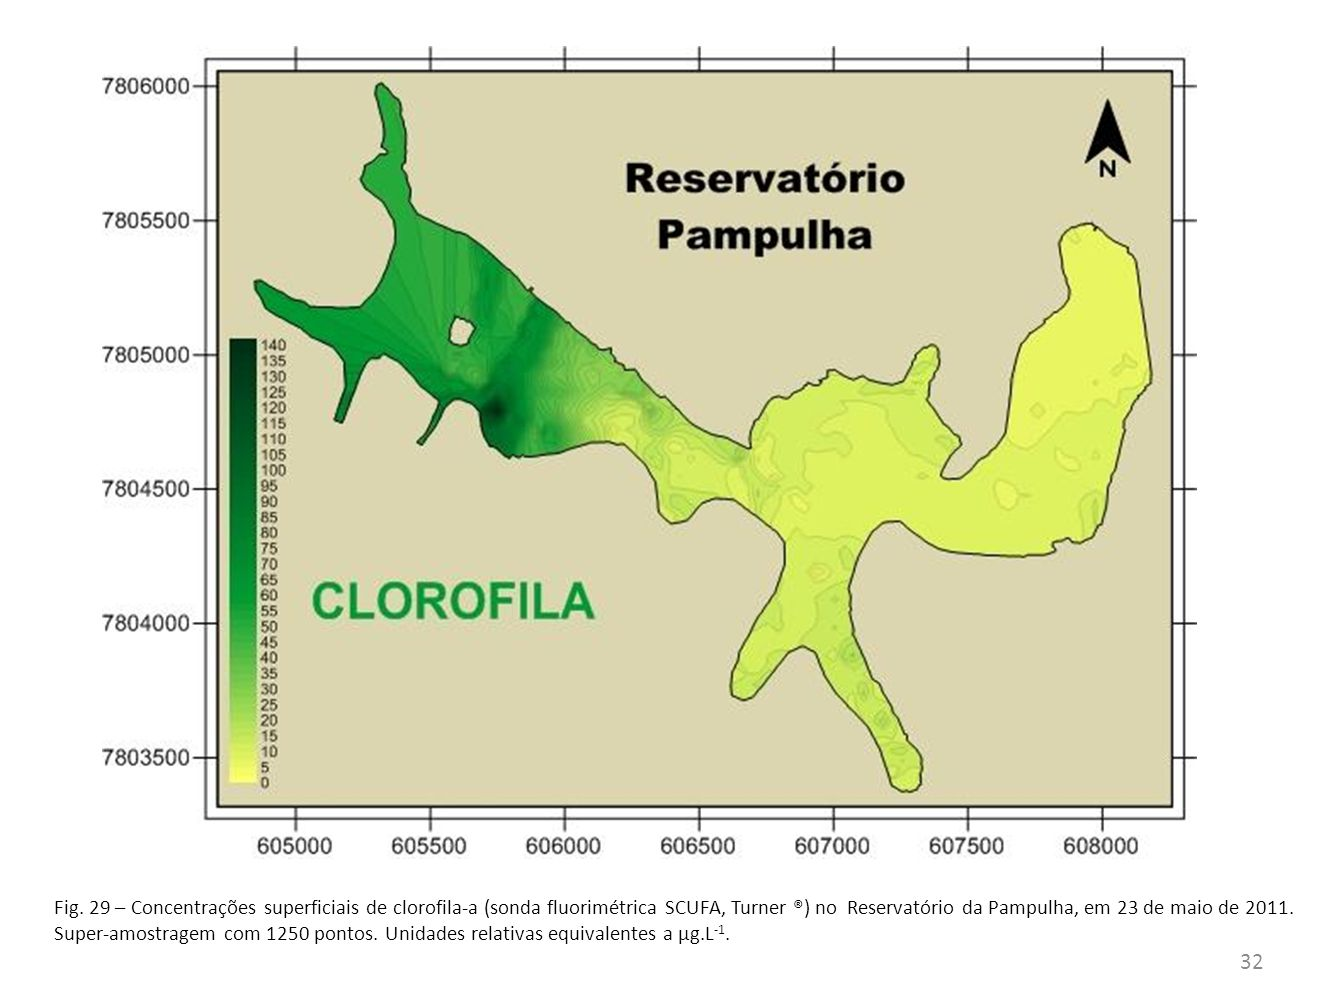 O zooplâncton vem sofrendo com a degradação da represa da Pampulha.